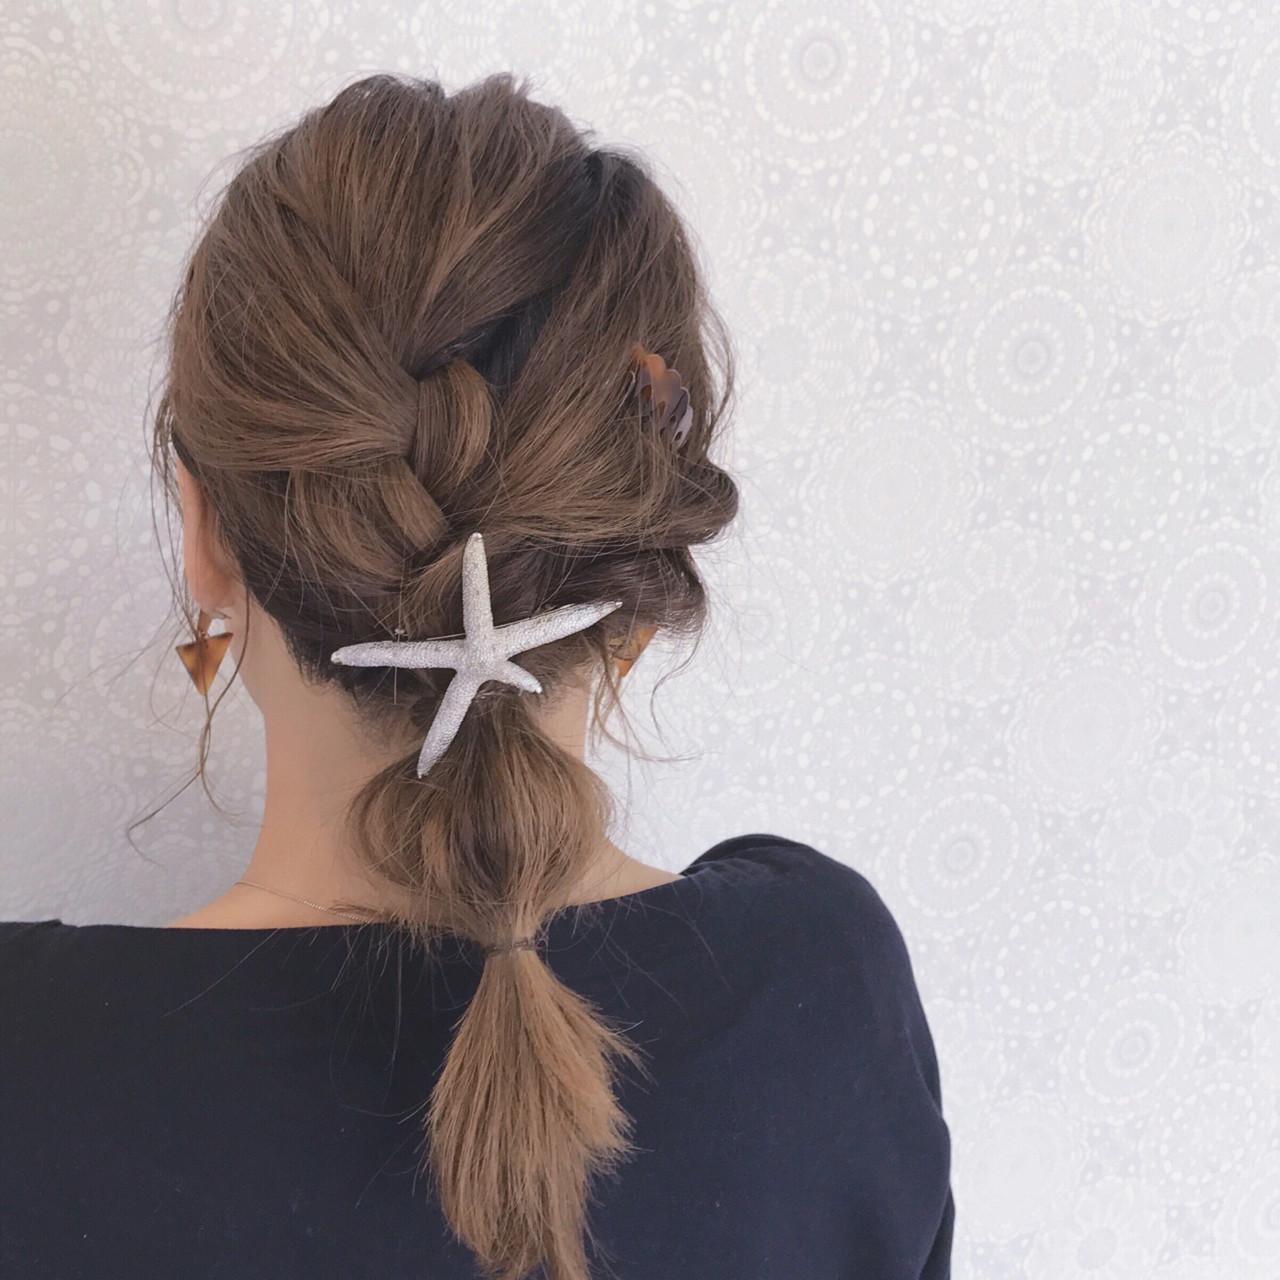 セミロング ガーリー 大人かわいい イルミナカラー ヘアスタイルや髪型の写真・画像